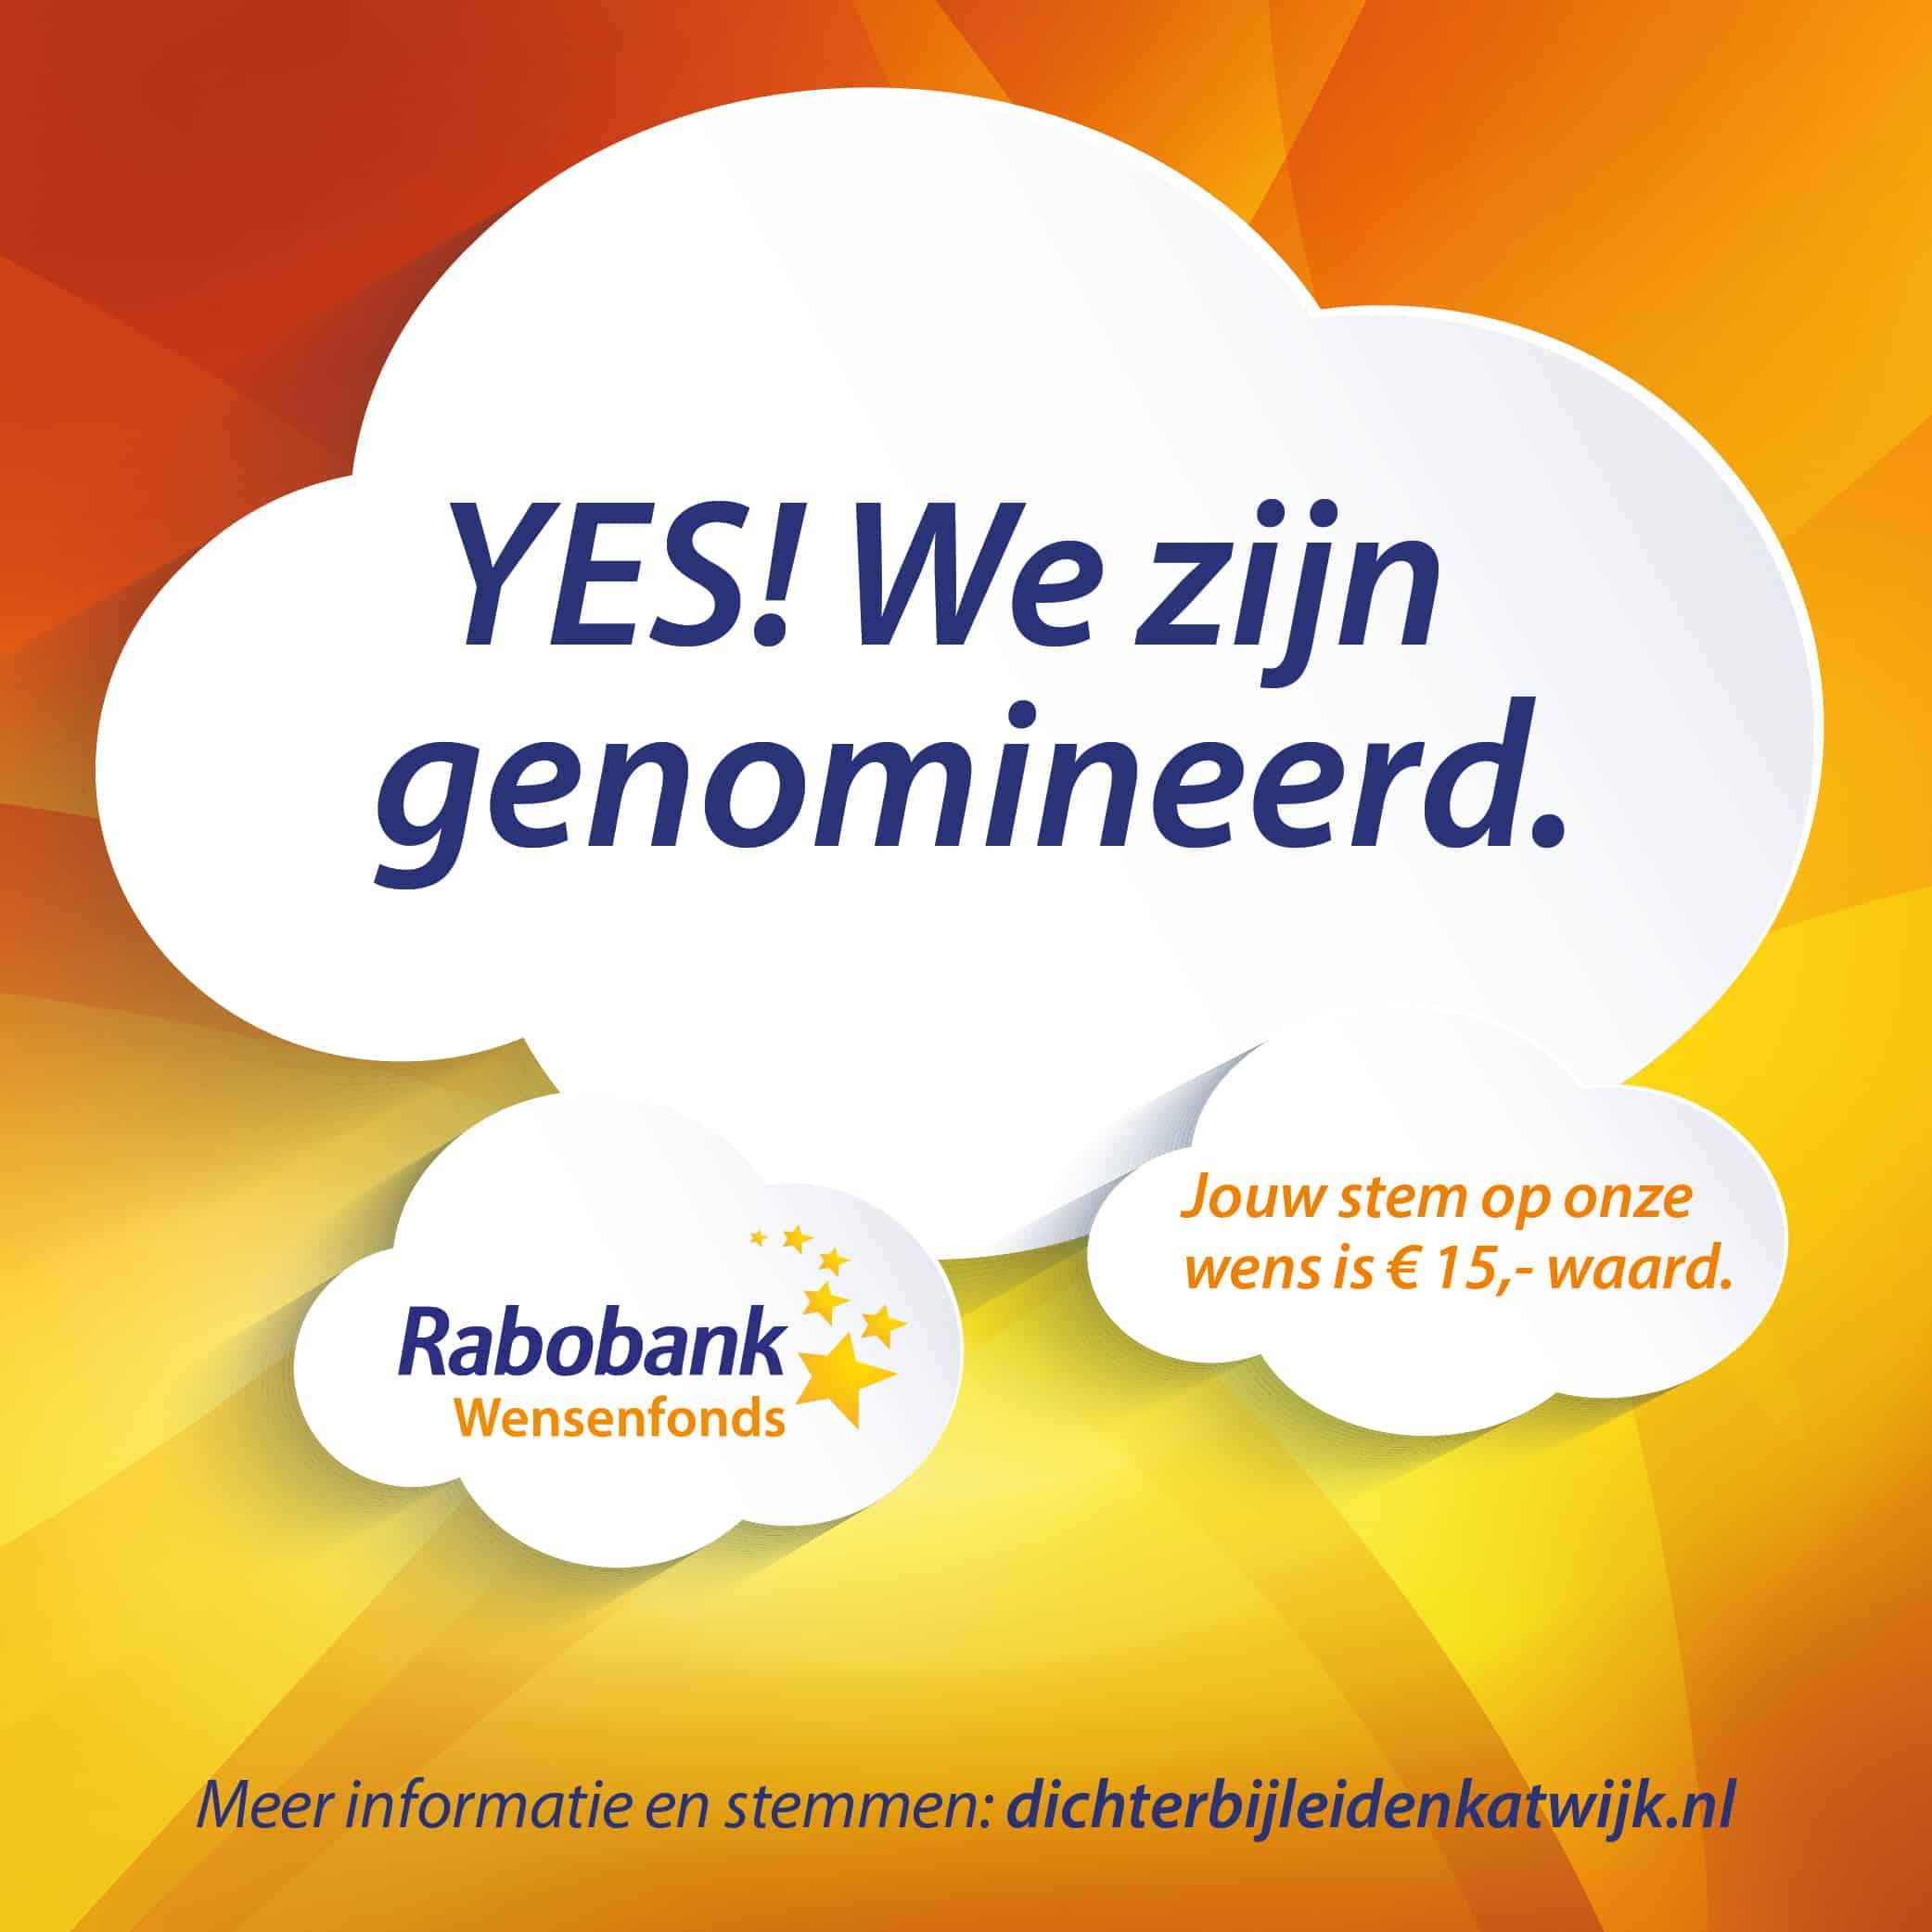 Onze wens is genomineerd voor het Rabobank Wensenfonds!